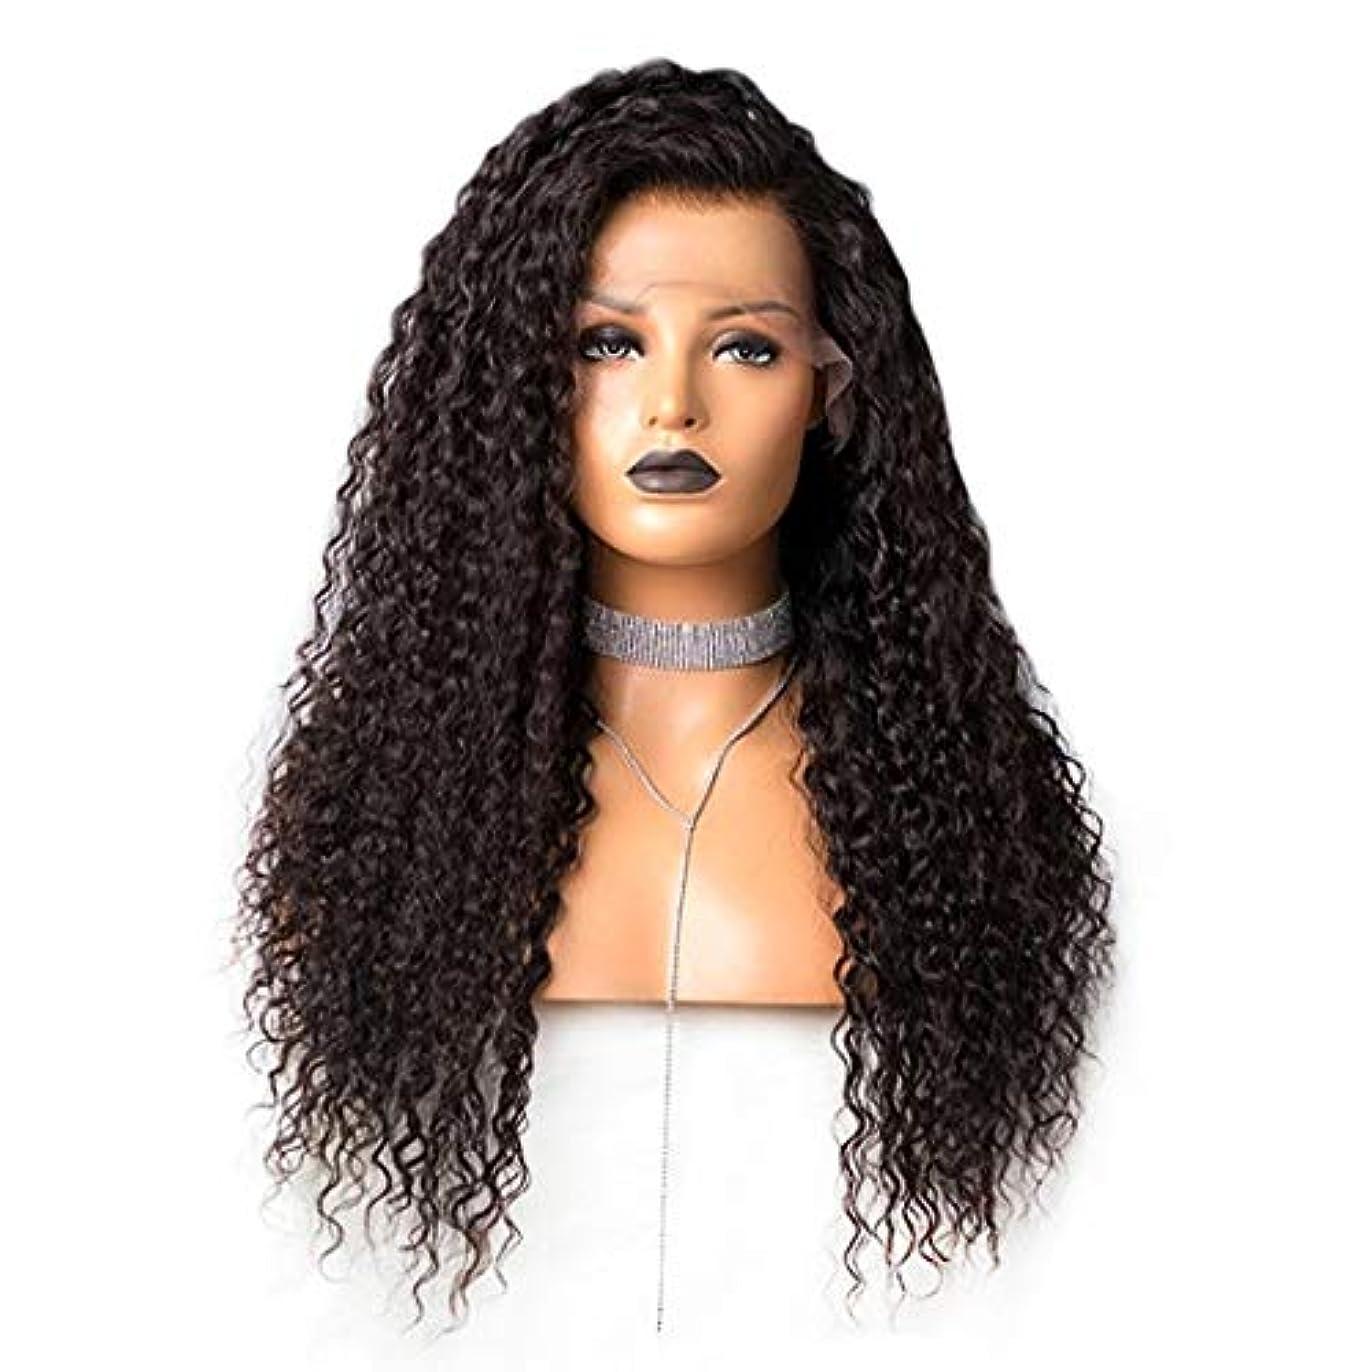 防衛エントリタクトKoloeplf 女性のための長い緩いカーリー合成かつら黒い色の髪 (Size : 24inch)